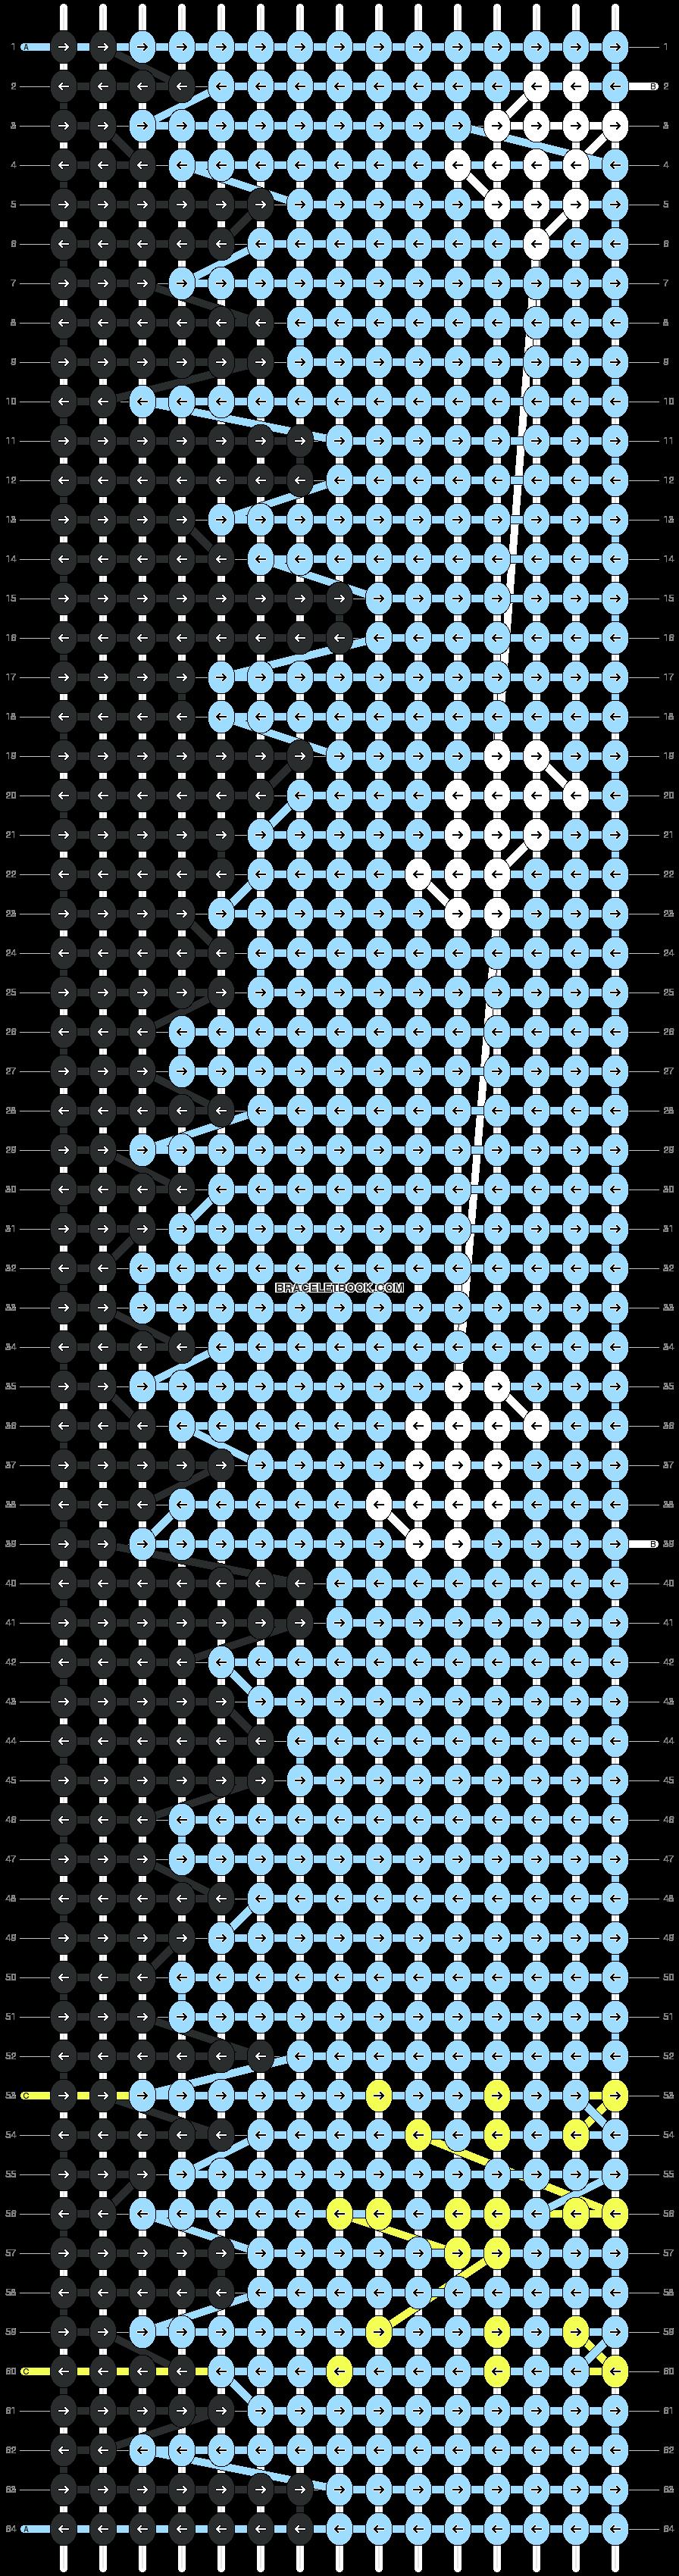 Alpha Pattern #9071 added by Mutzzz